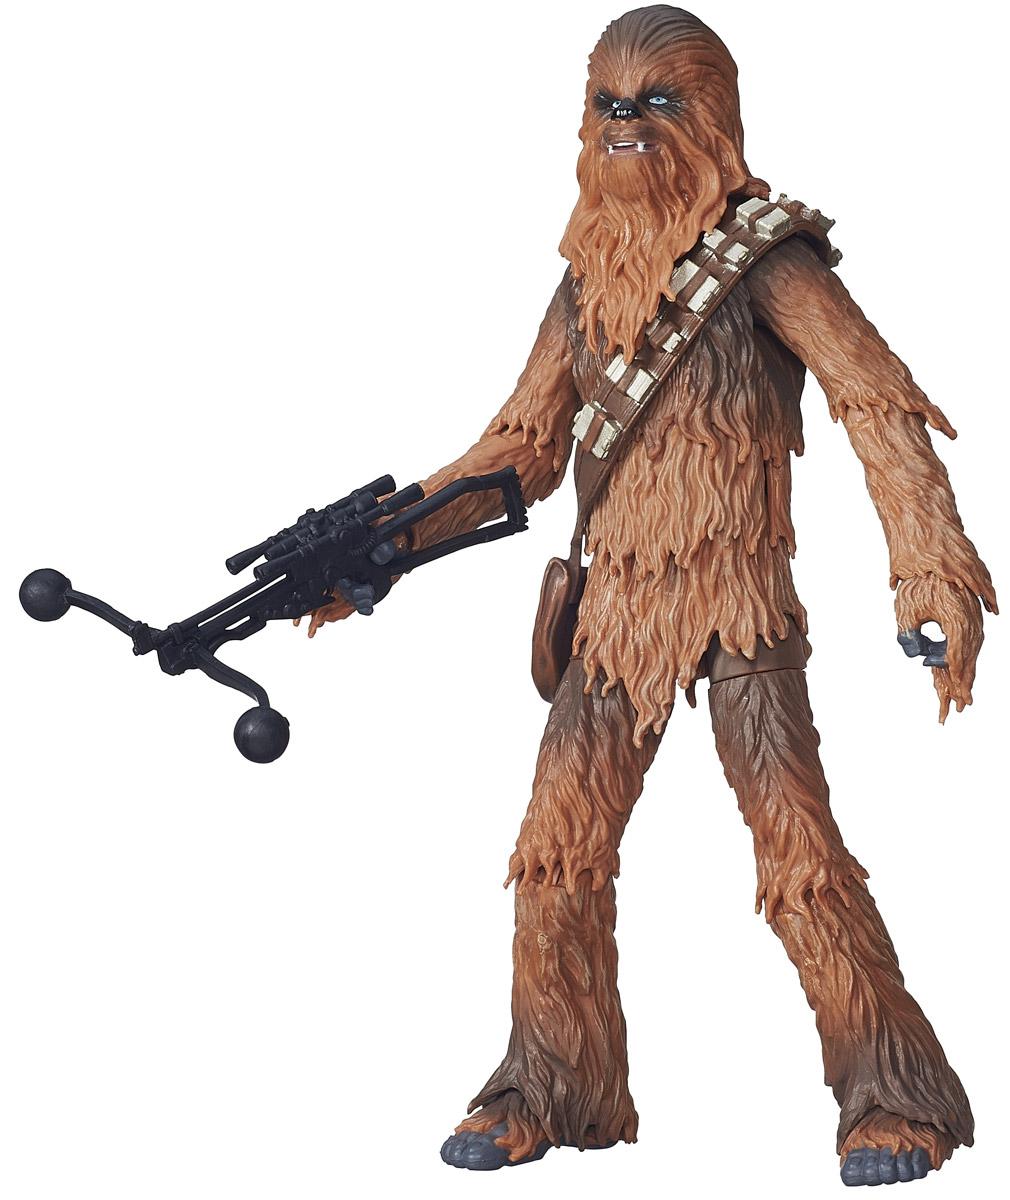 Star Wars Фигурка ЧубаккаB3834_B3839Фигурка Star Wars Чубакка обязательно порадует любого поклонника грандиозной космической саги Звездные войны. Игрушка изготовлена из материала высокого качества, подробно детализирована. Пожалуй, один из самых узнаваемых персонажей популярной саги - Чубакка, представитель расы Вуки, прошедший весь пусть сражения с Империей. Данная фигурка порадует своего обладателя вне зависимости от того, знаком ли он со знаменитой вселенной Star Wars или нет.